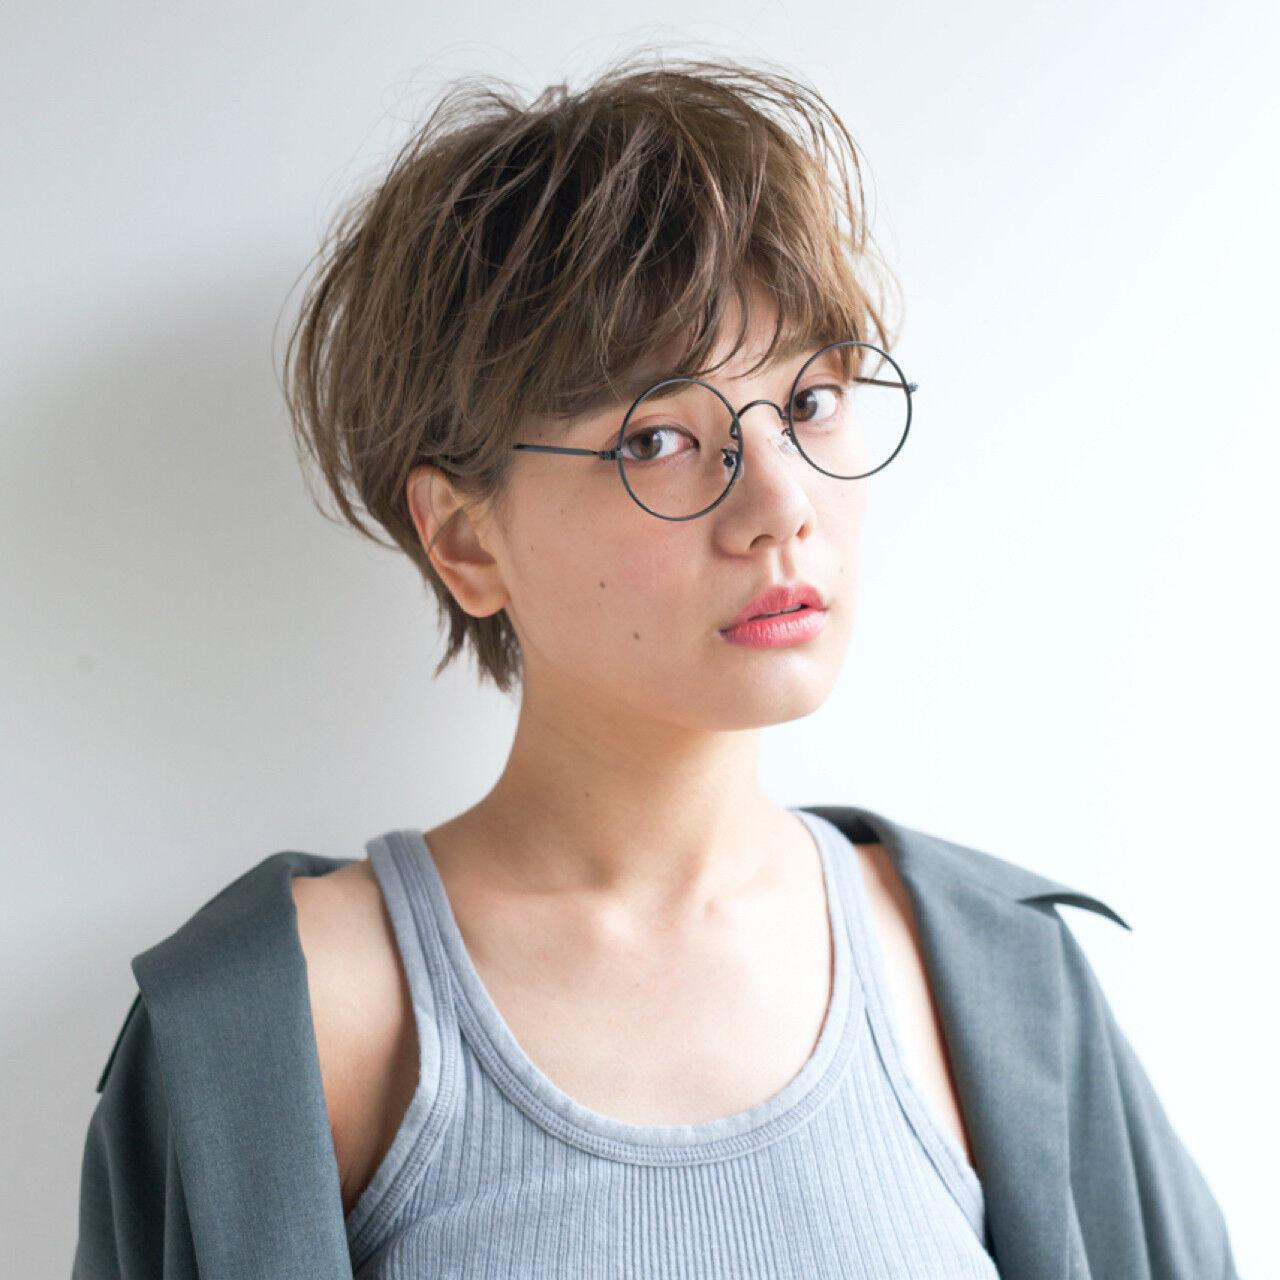 アンニュイ ナチュラル 抜け感 アッシュヘアスタイルや髪型の写真・画像